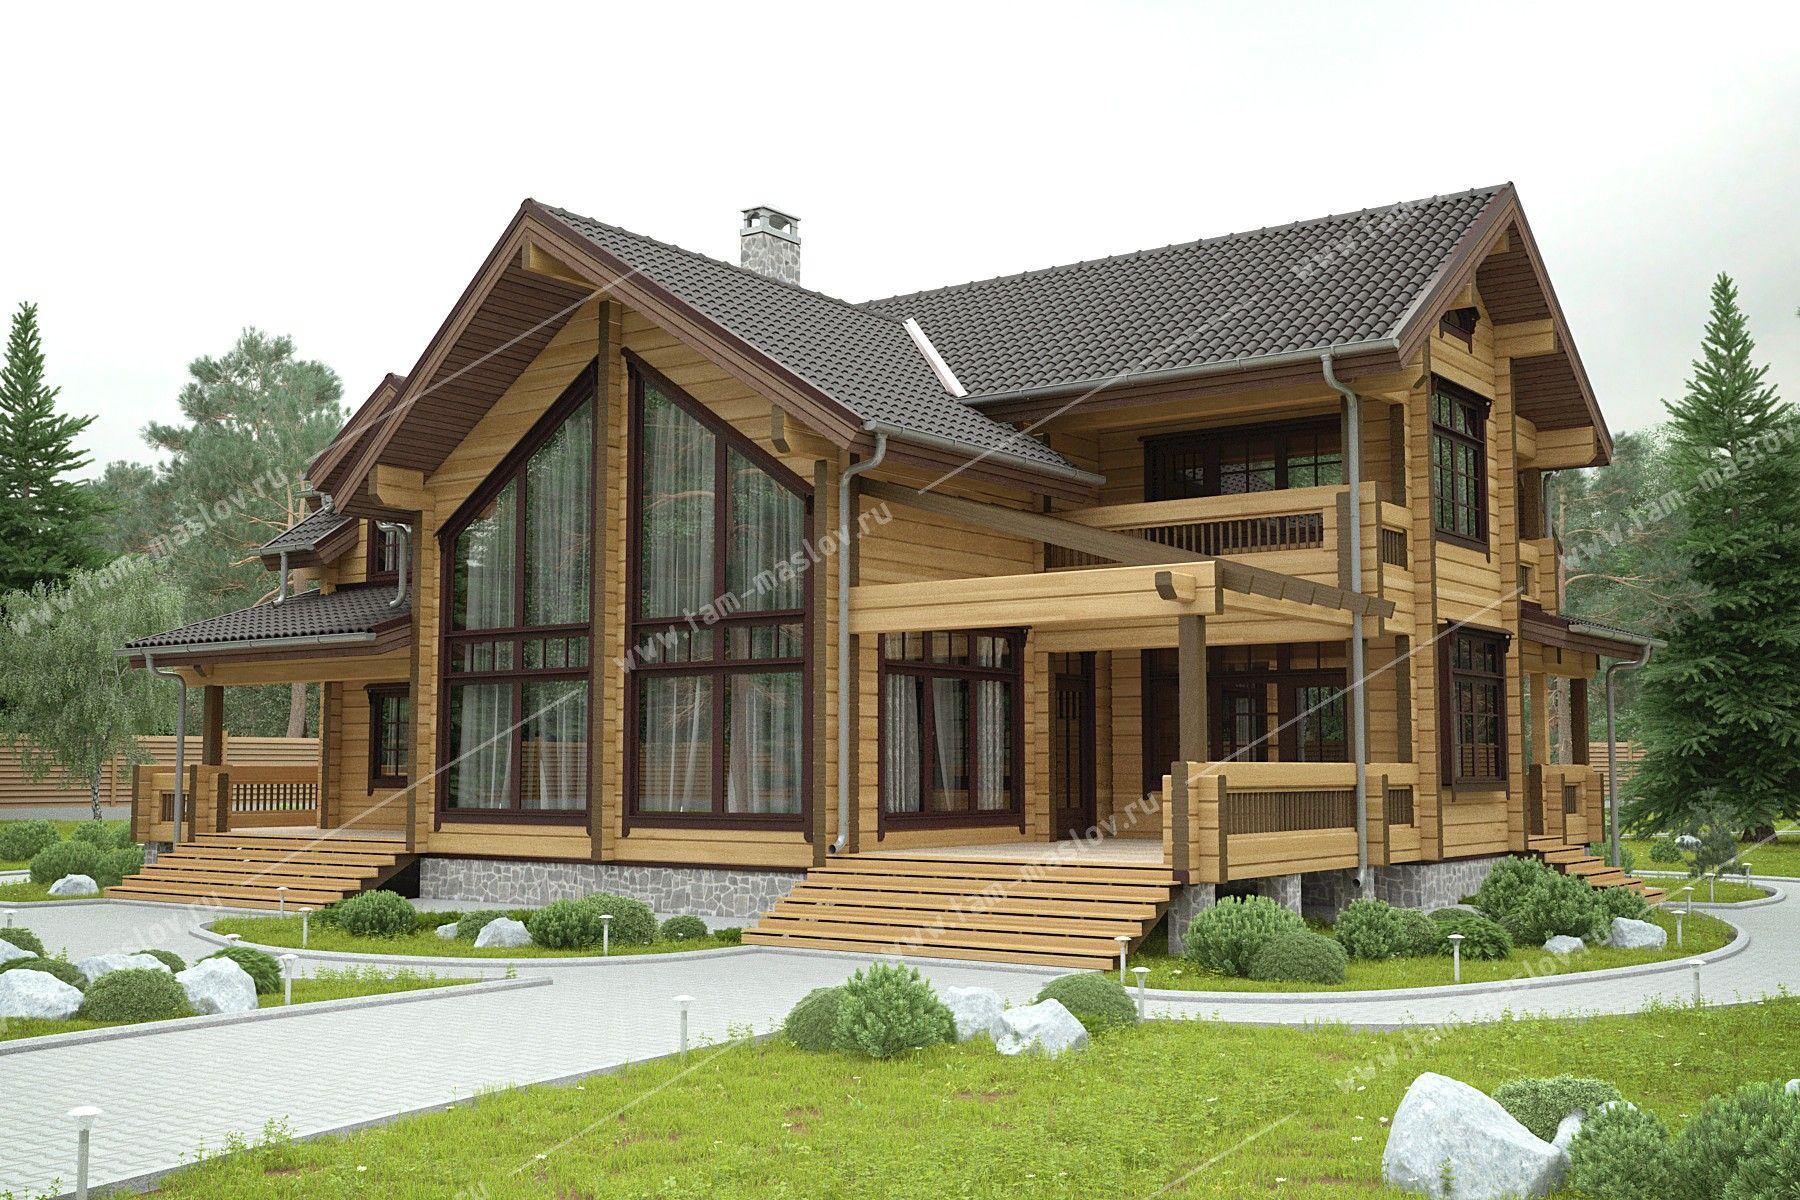 красивые деревянные дома проекты и план фото фестивалях